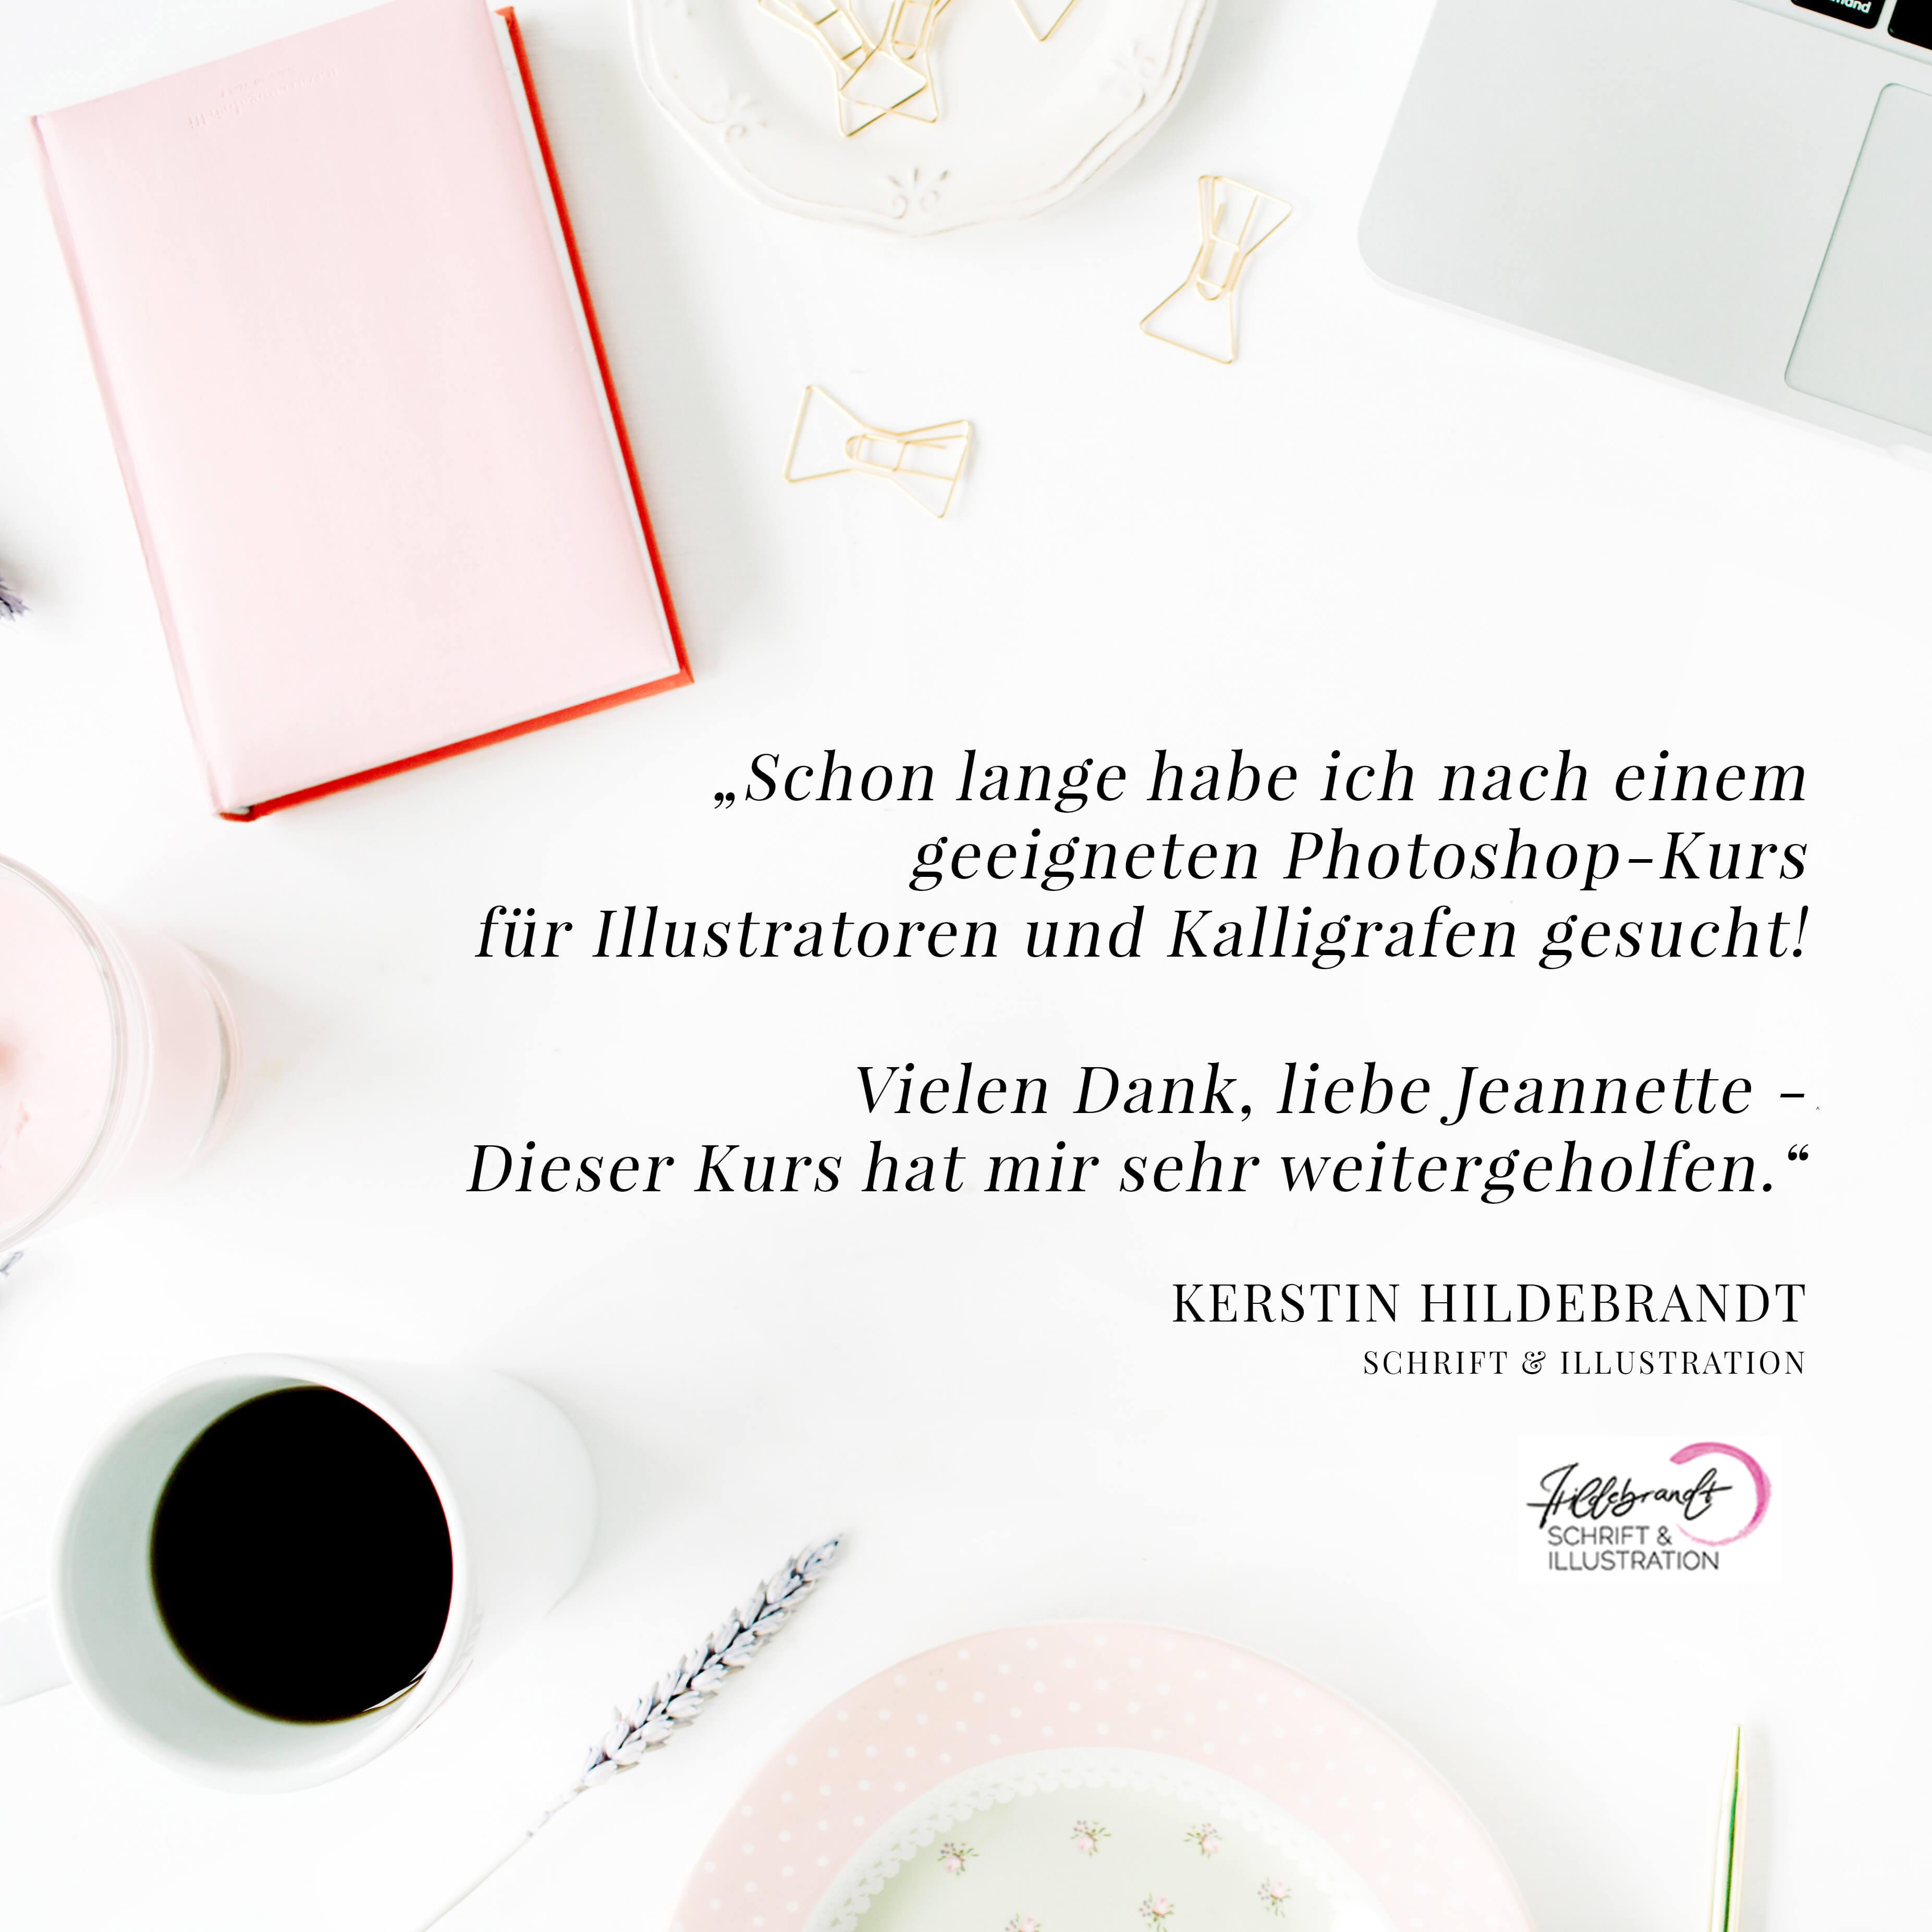 Photoshop lernen Kalligrafie Kalligraphie Digitalisierung Säuberung Schwarzweiß Hand Lettering Brushlettering Pinselschrift